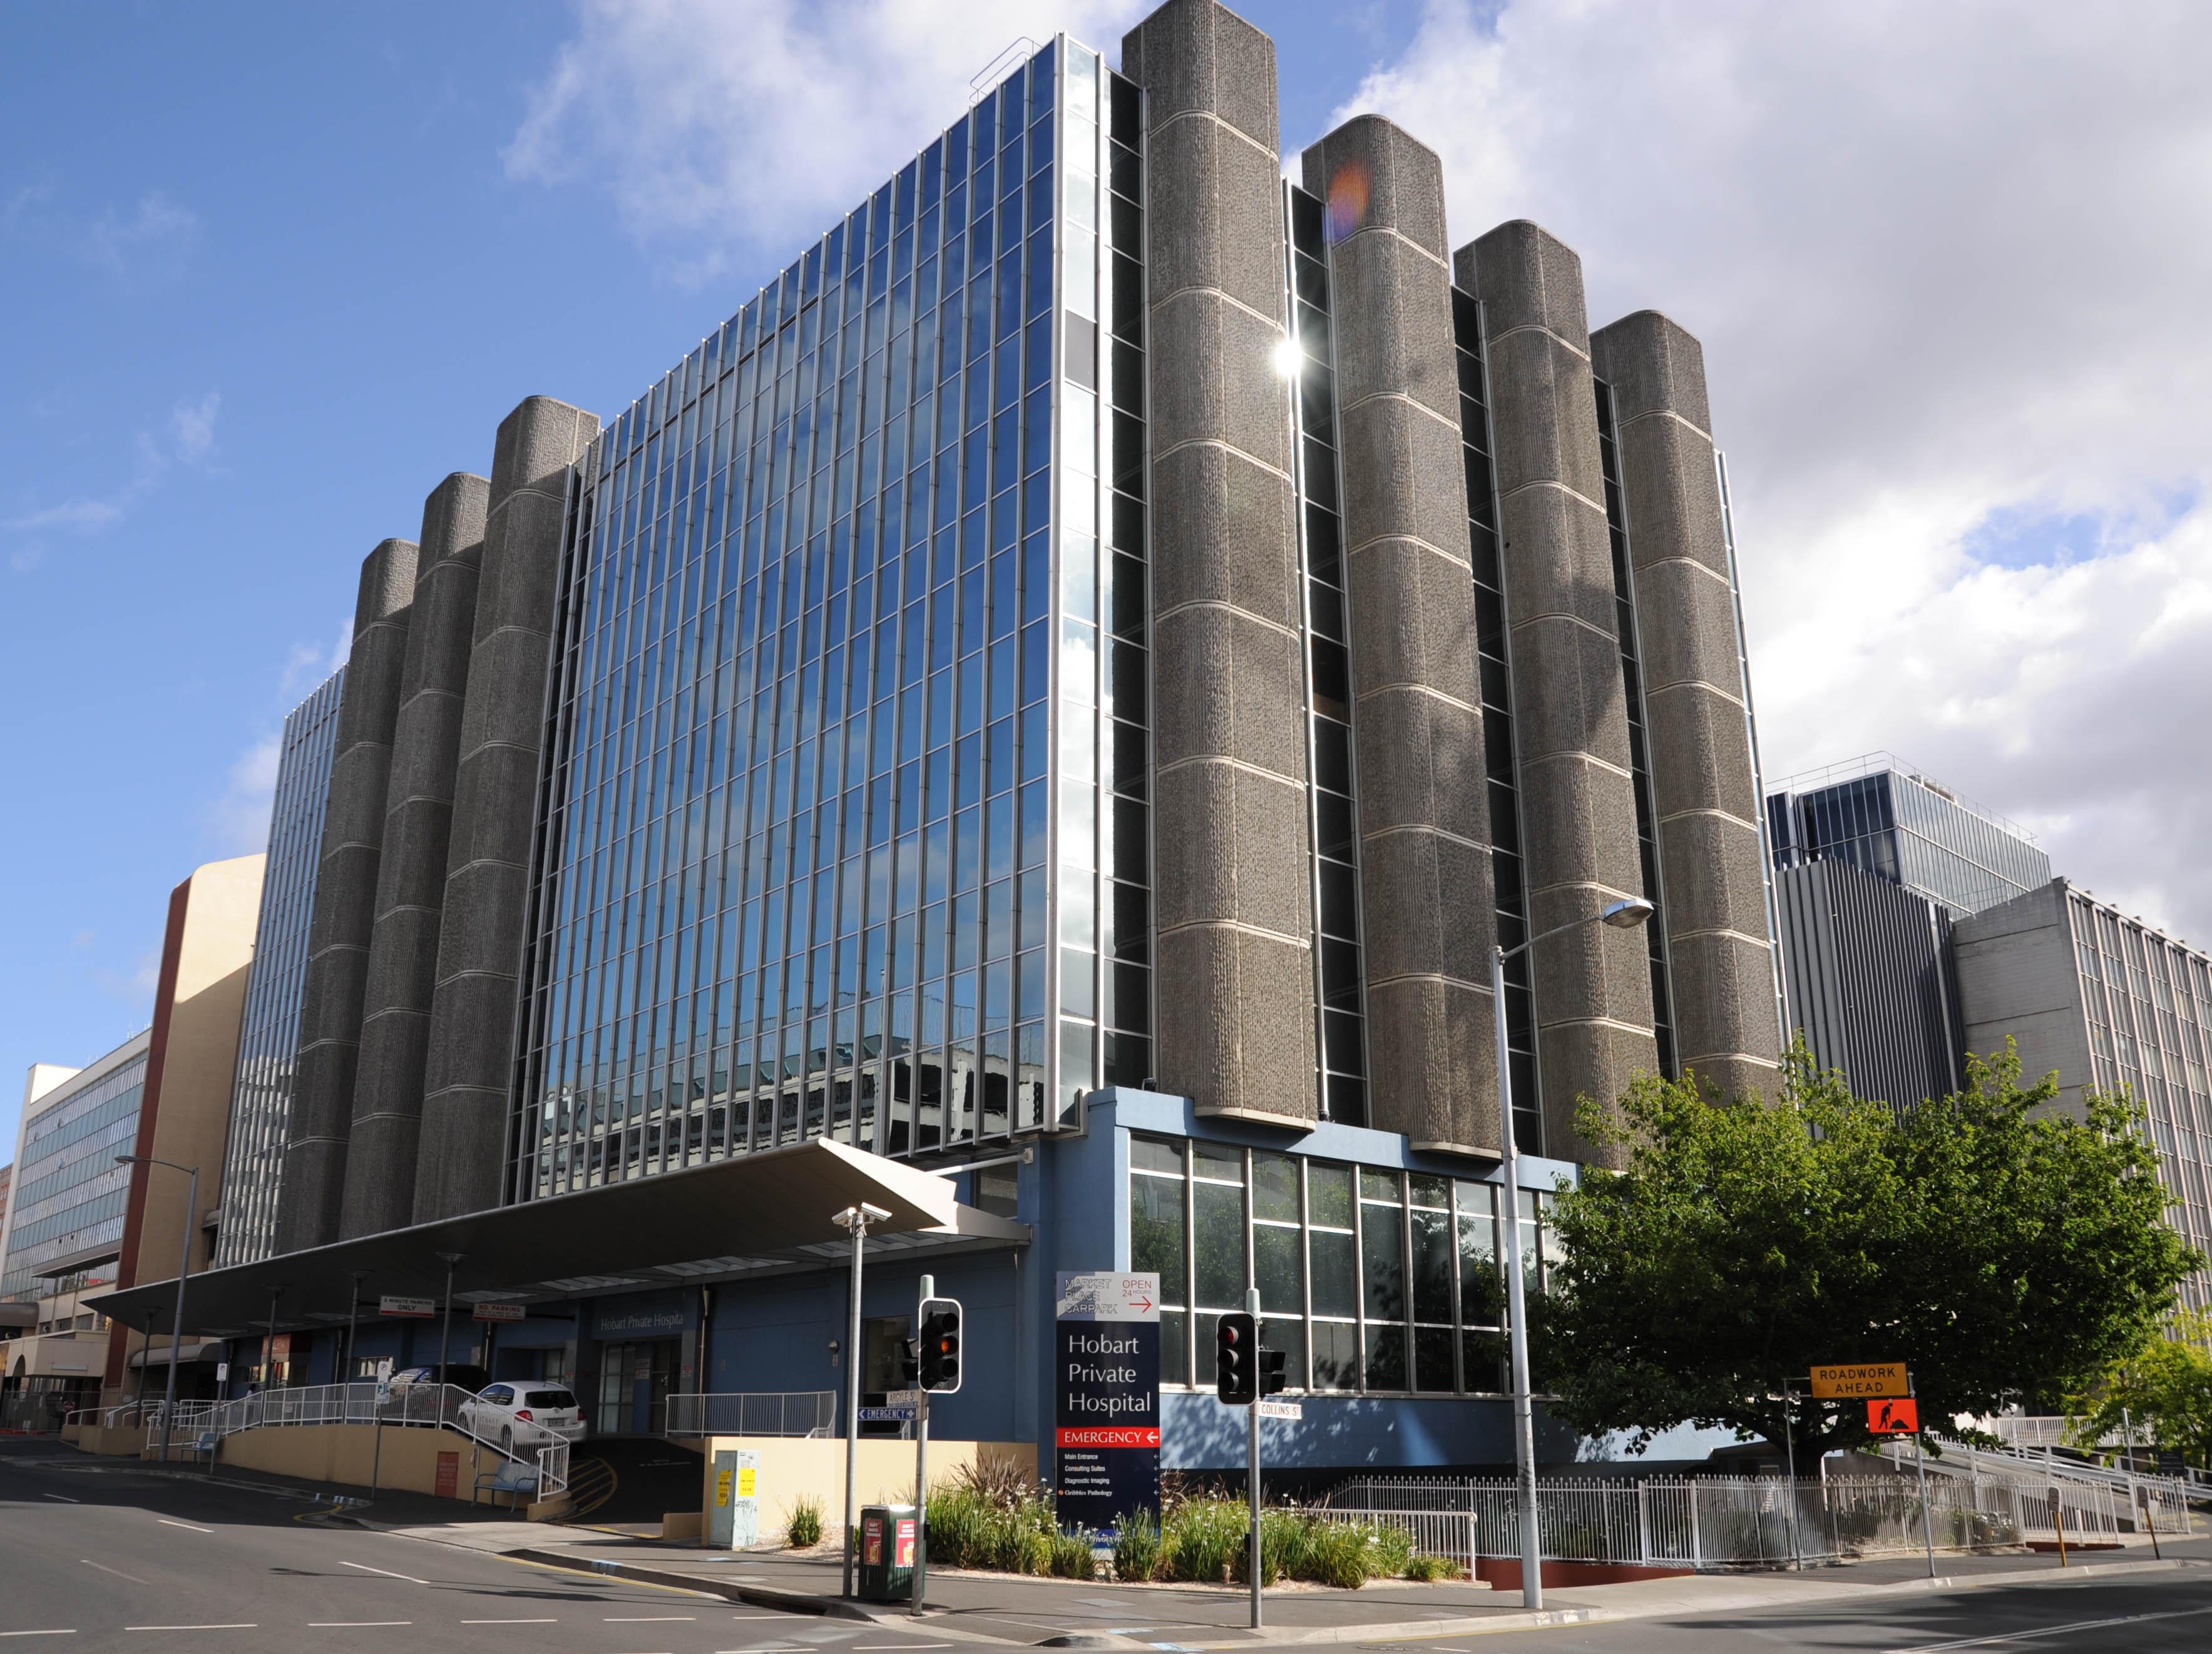 Hobart Private Hospital - Wikipedia